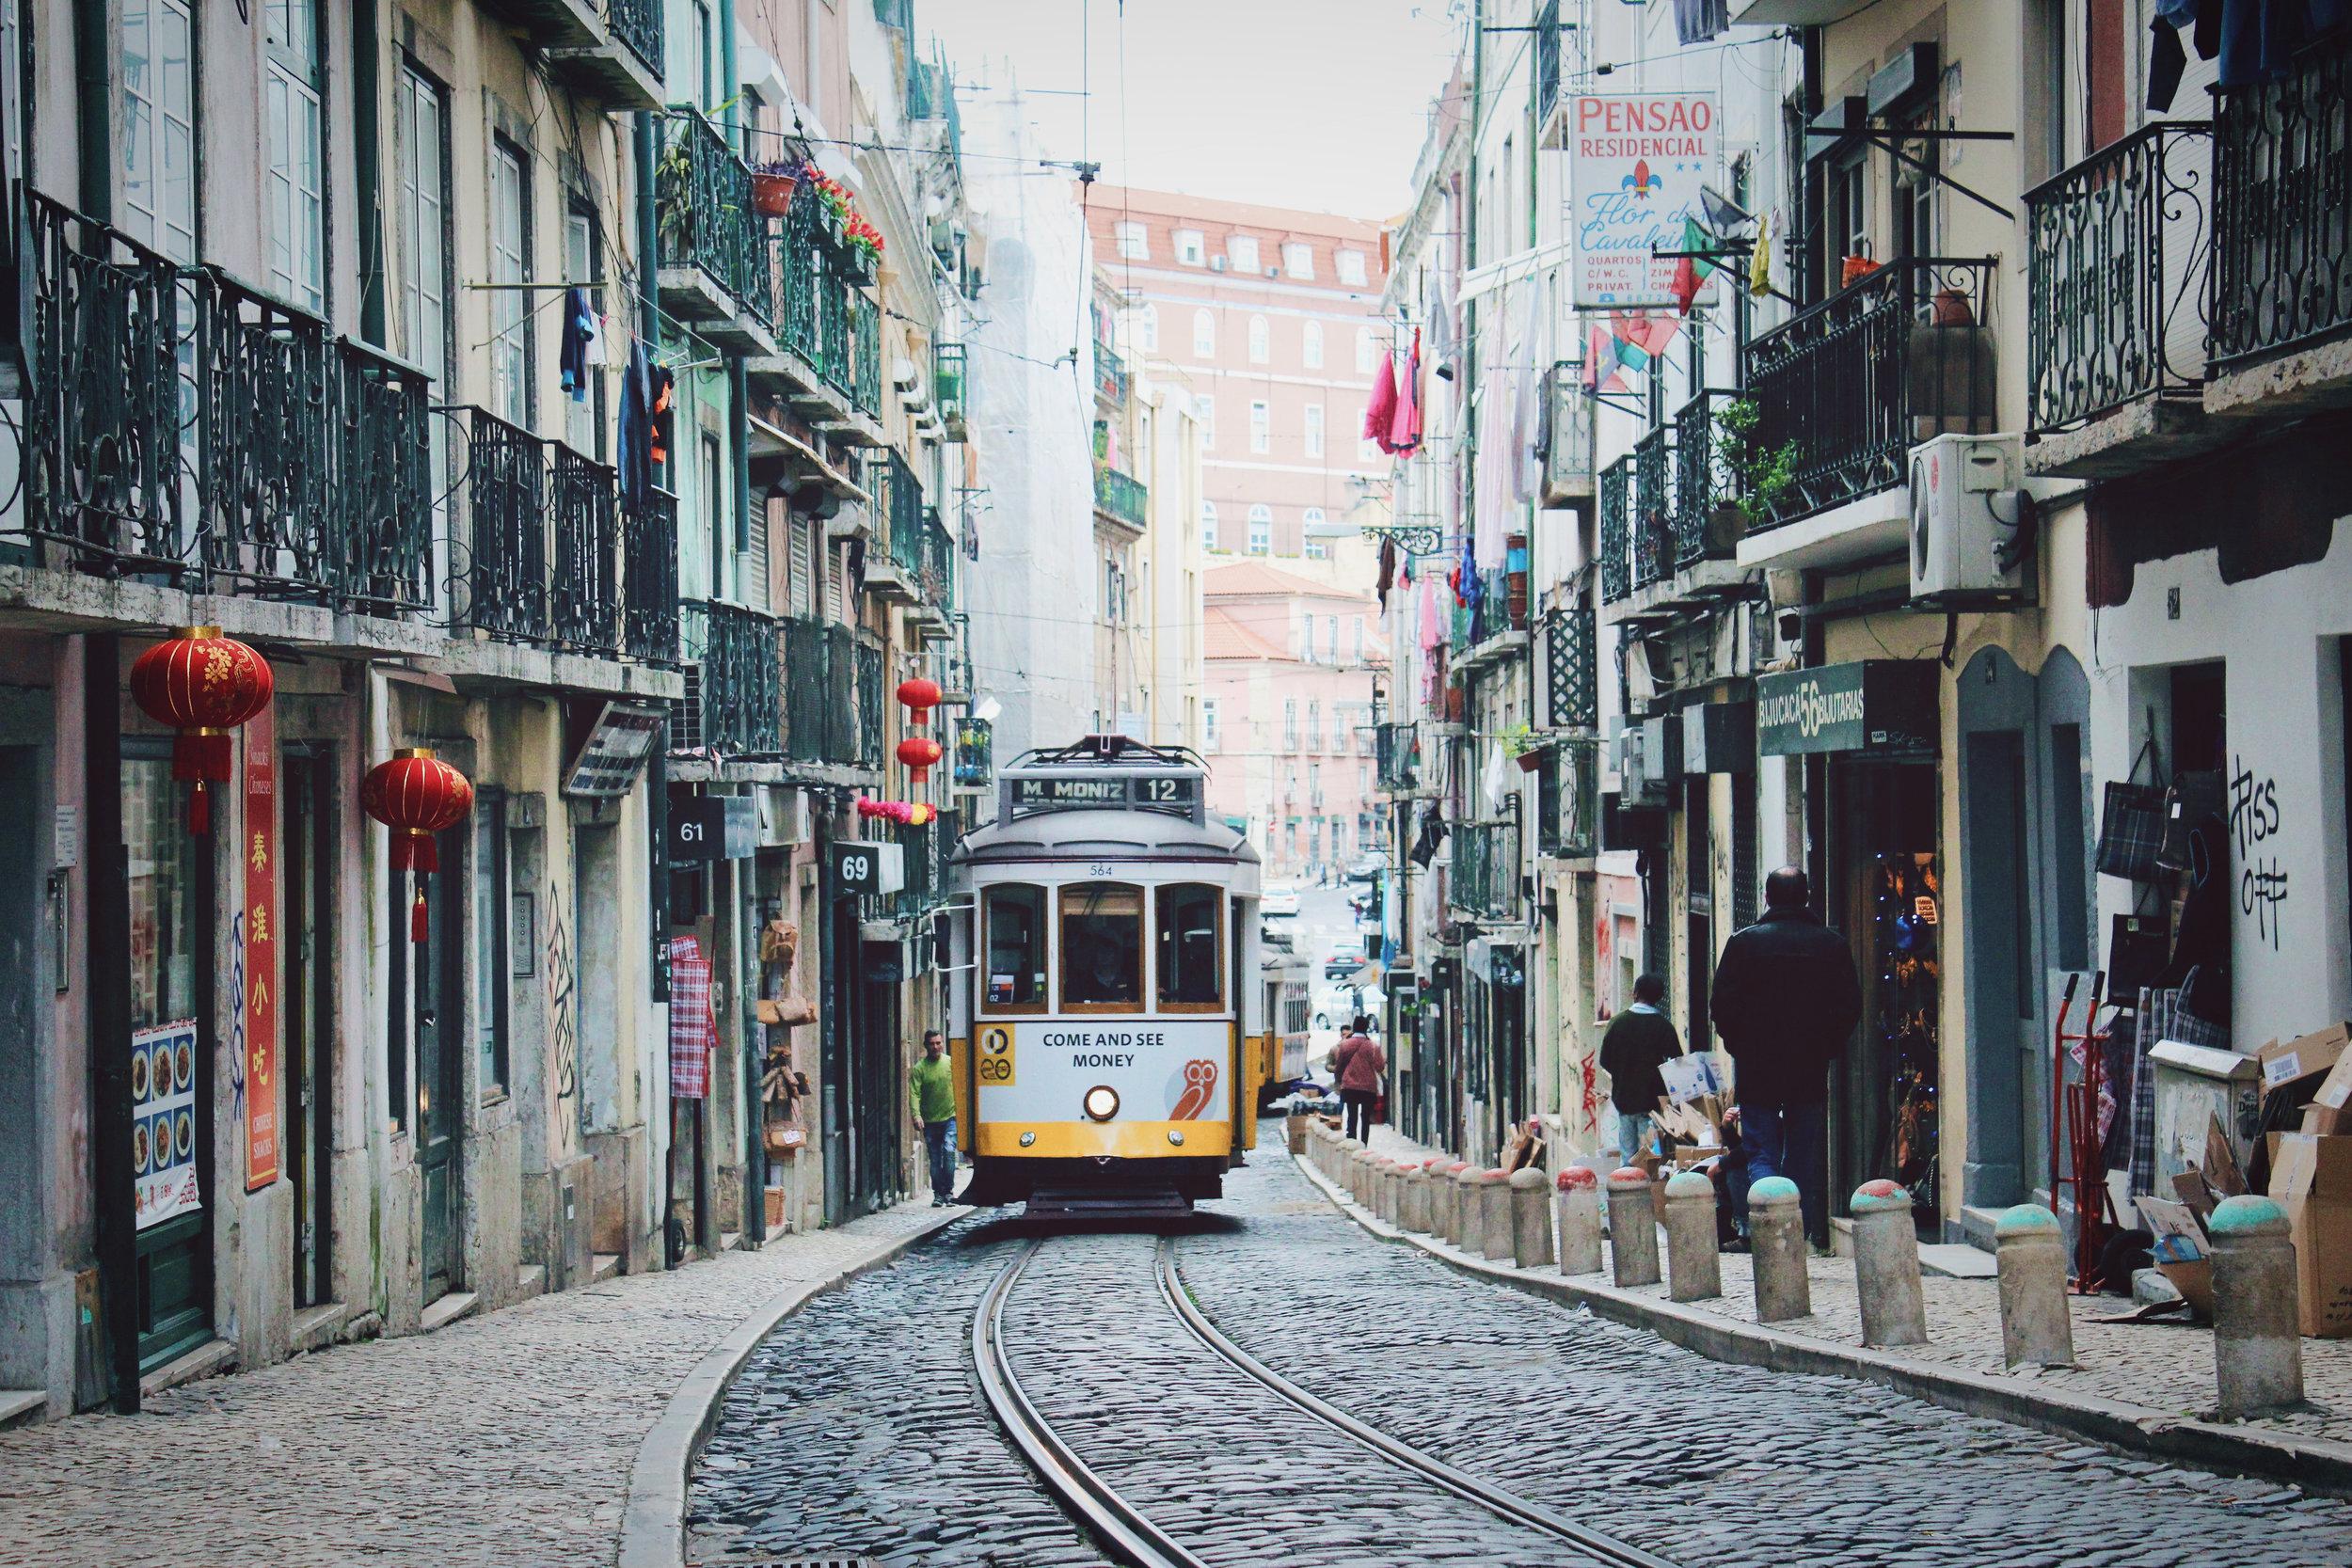 Il existe des incitations pour faire venir les étrangers à vivre au Portugal